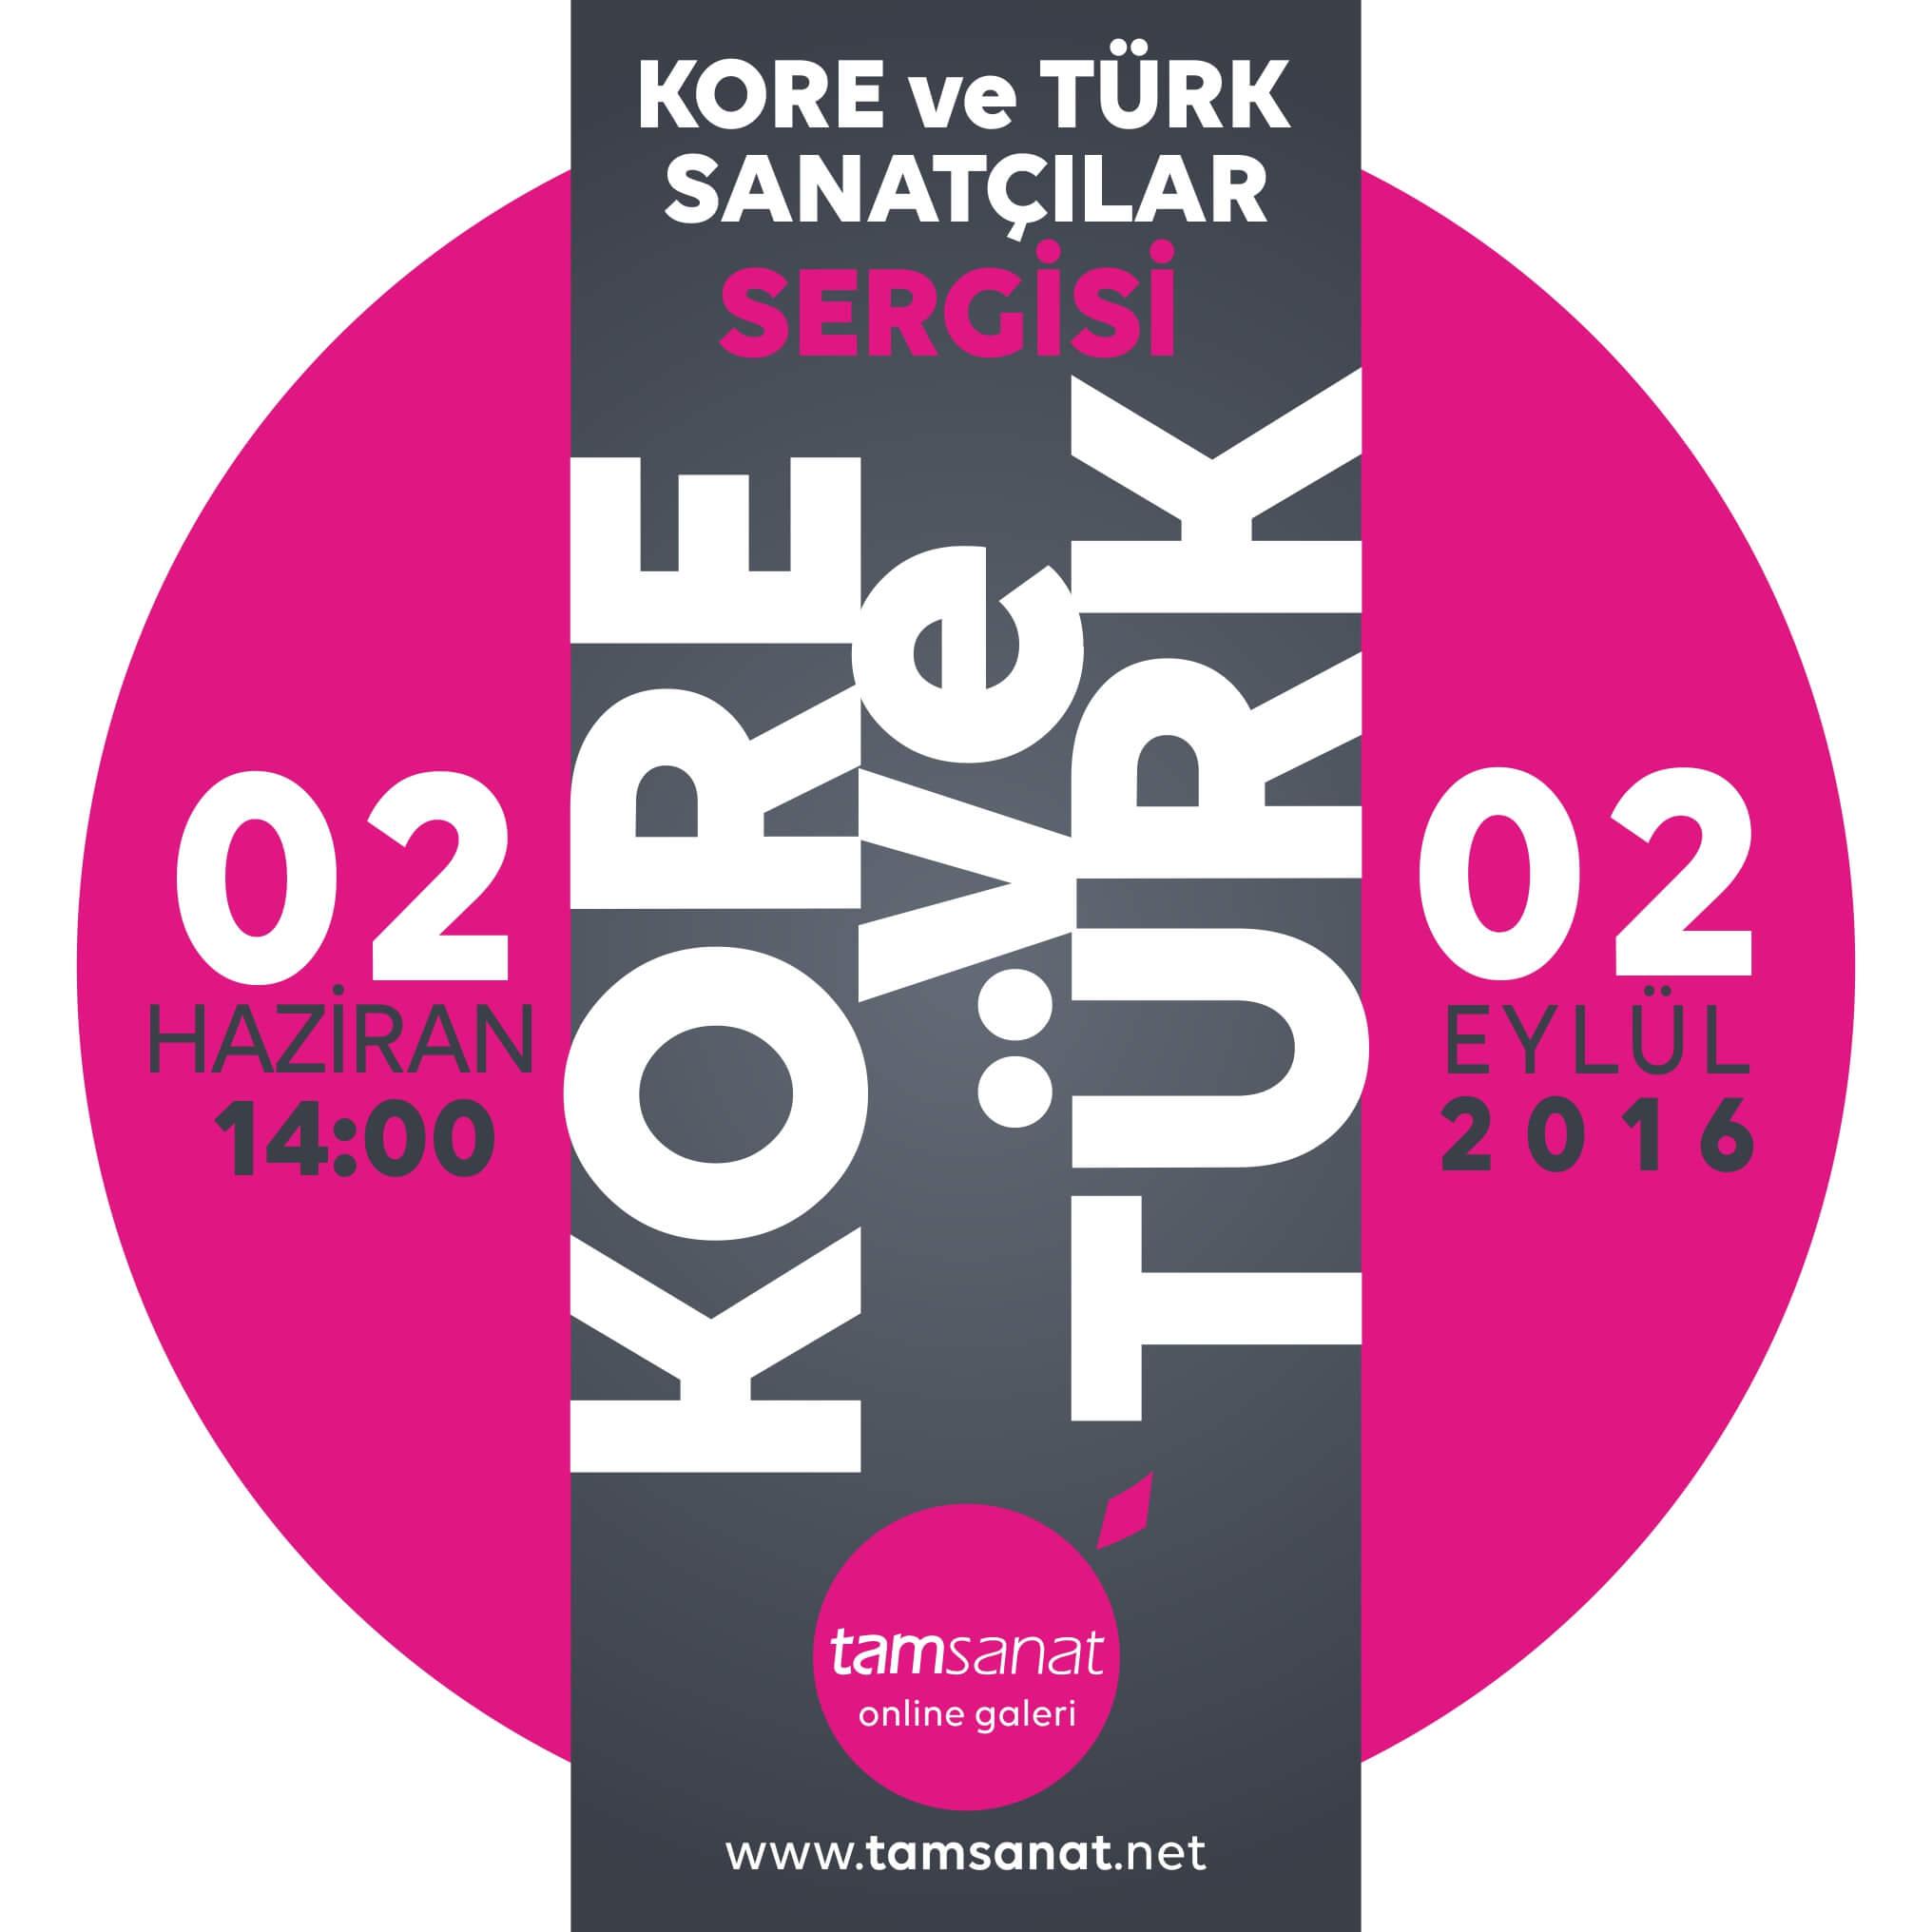 kore ve türk sanatçılar sergisi afişi